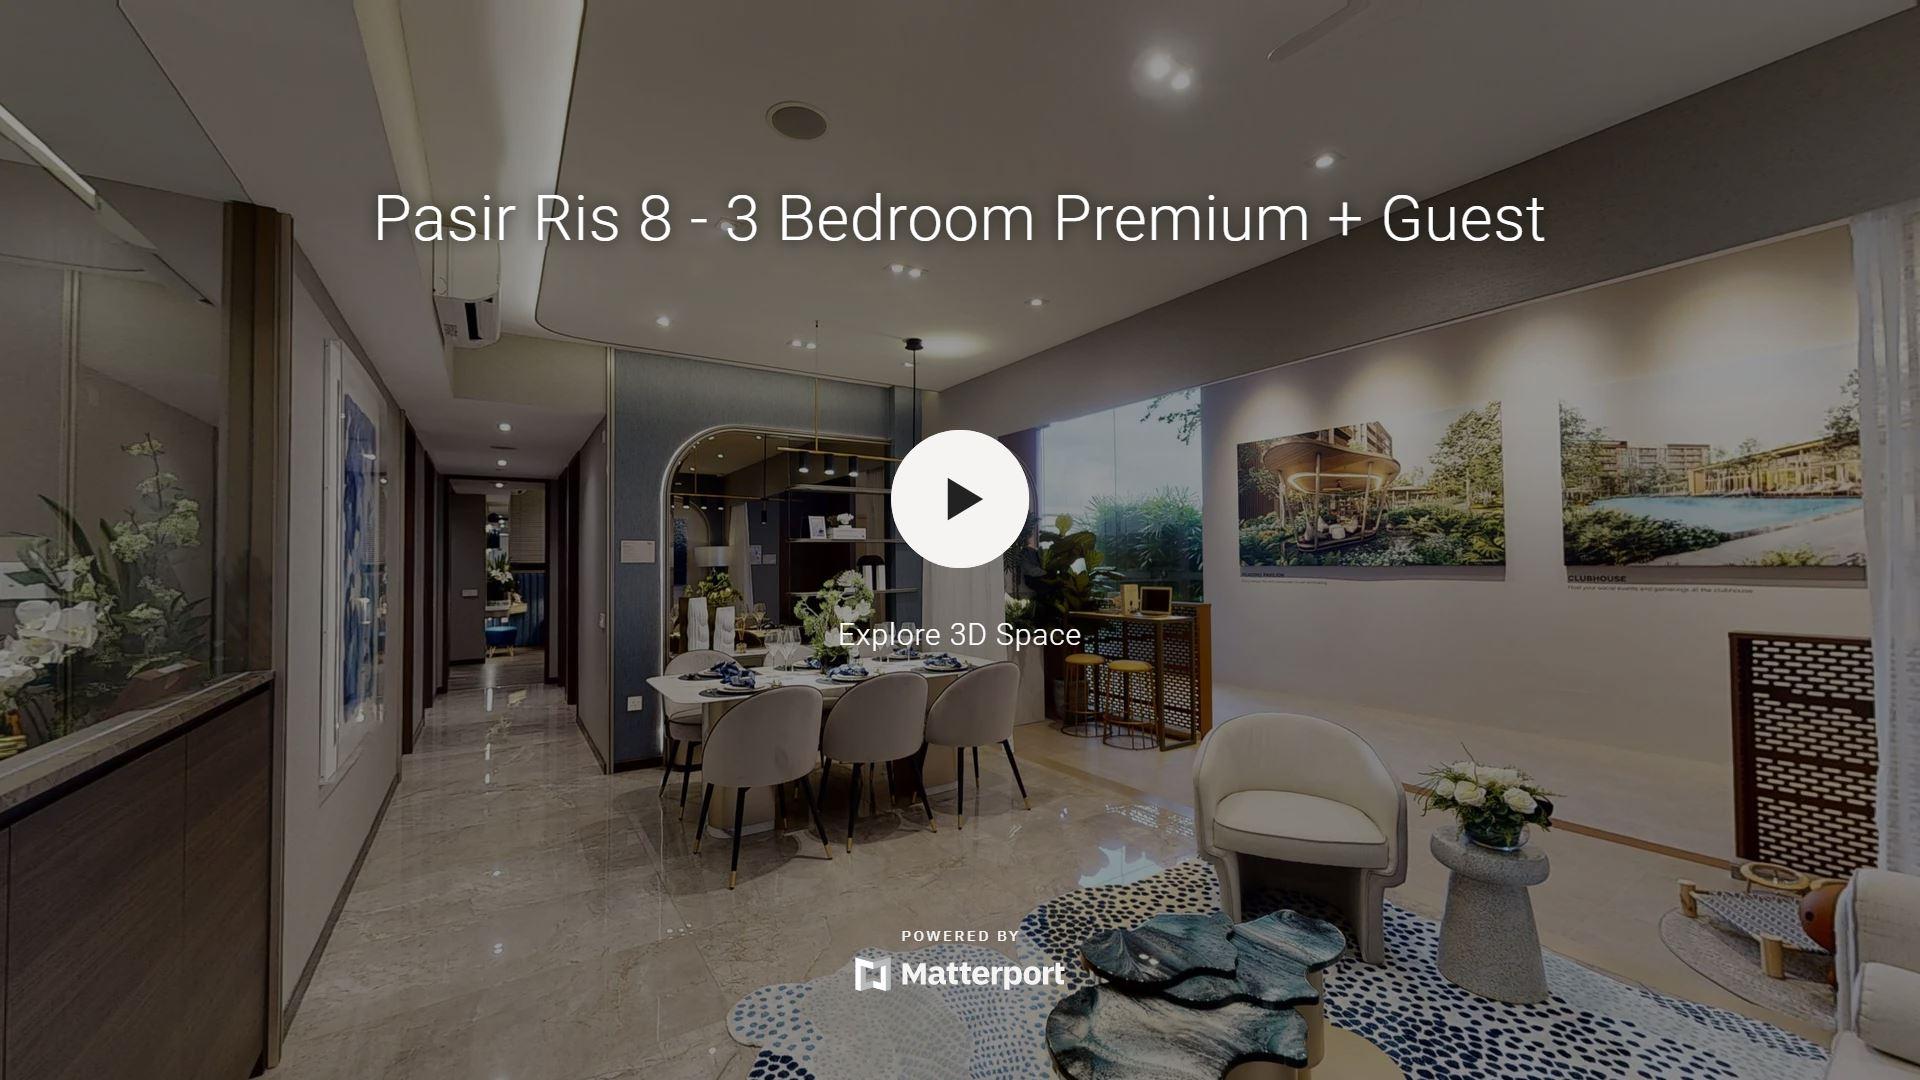 Pasir Ris 8 Showflat Virtual Links for 3 Bedroom Premium Guest